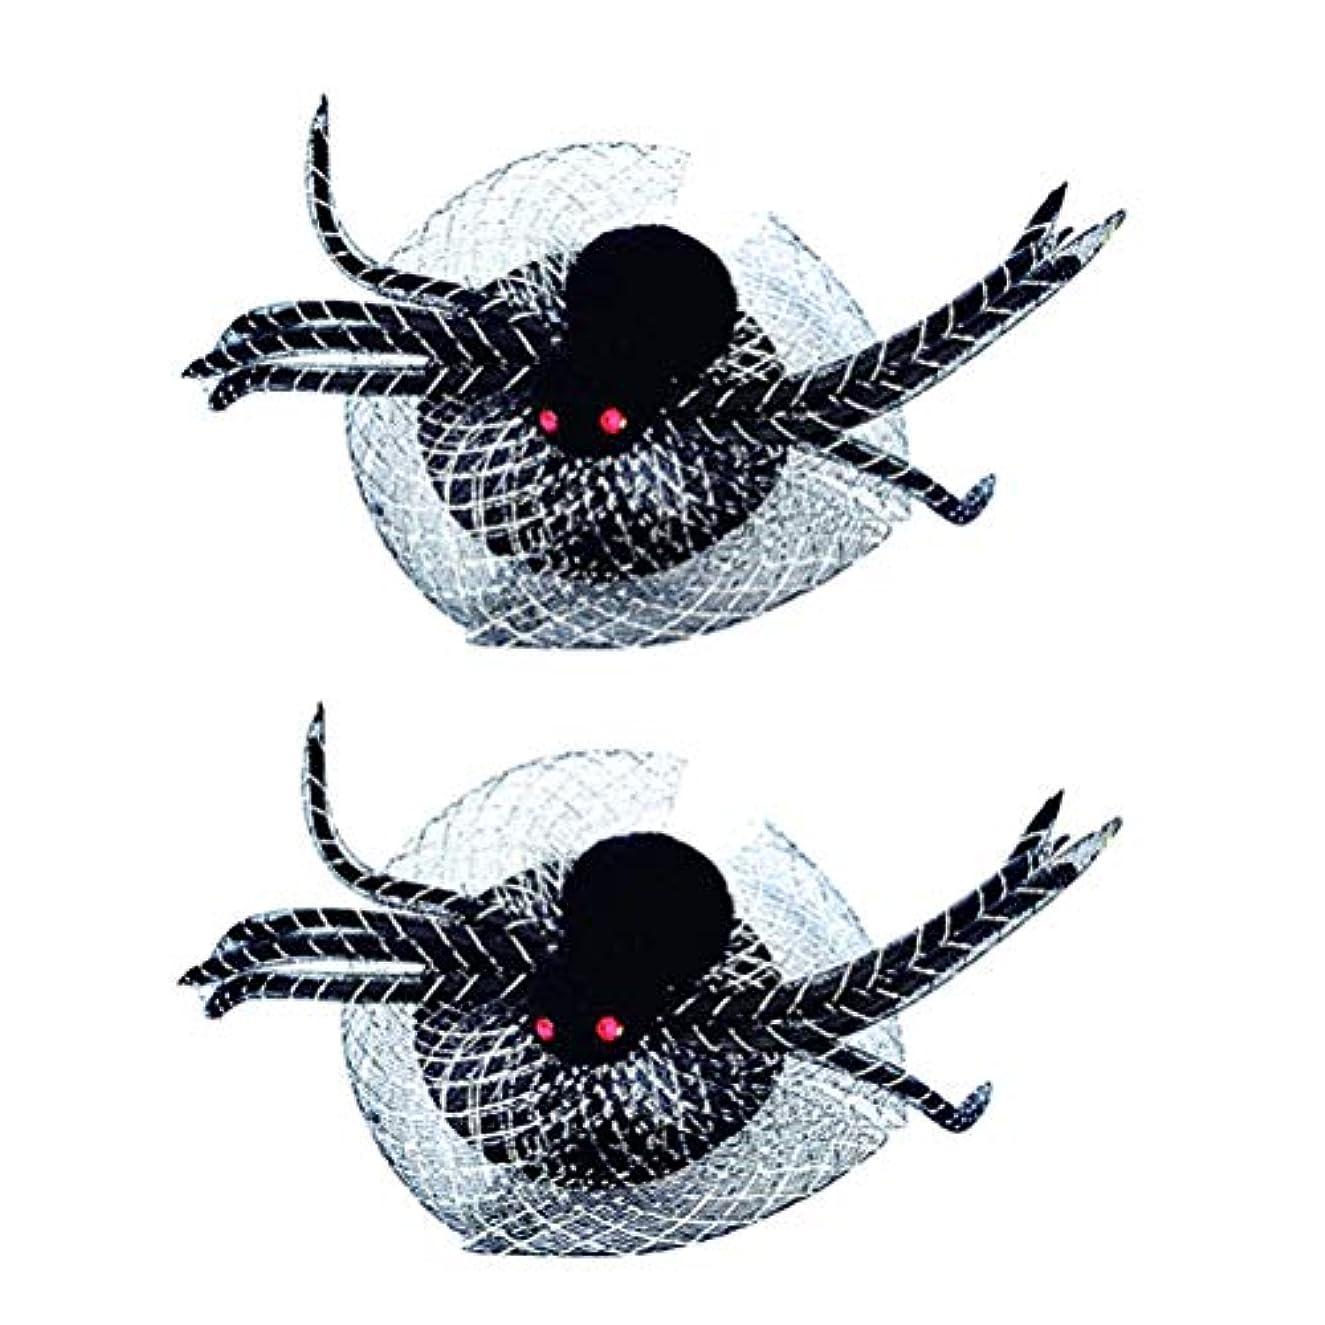 モートいつか鎮静剤PRETYZOOM 2ピースハロウィンメッシュクモヘッドバンドヘアフープハロウィンカーニバル仮装パーティーコスプレ衣装アクセサリー